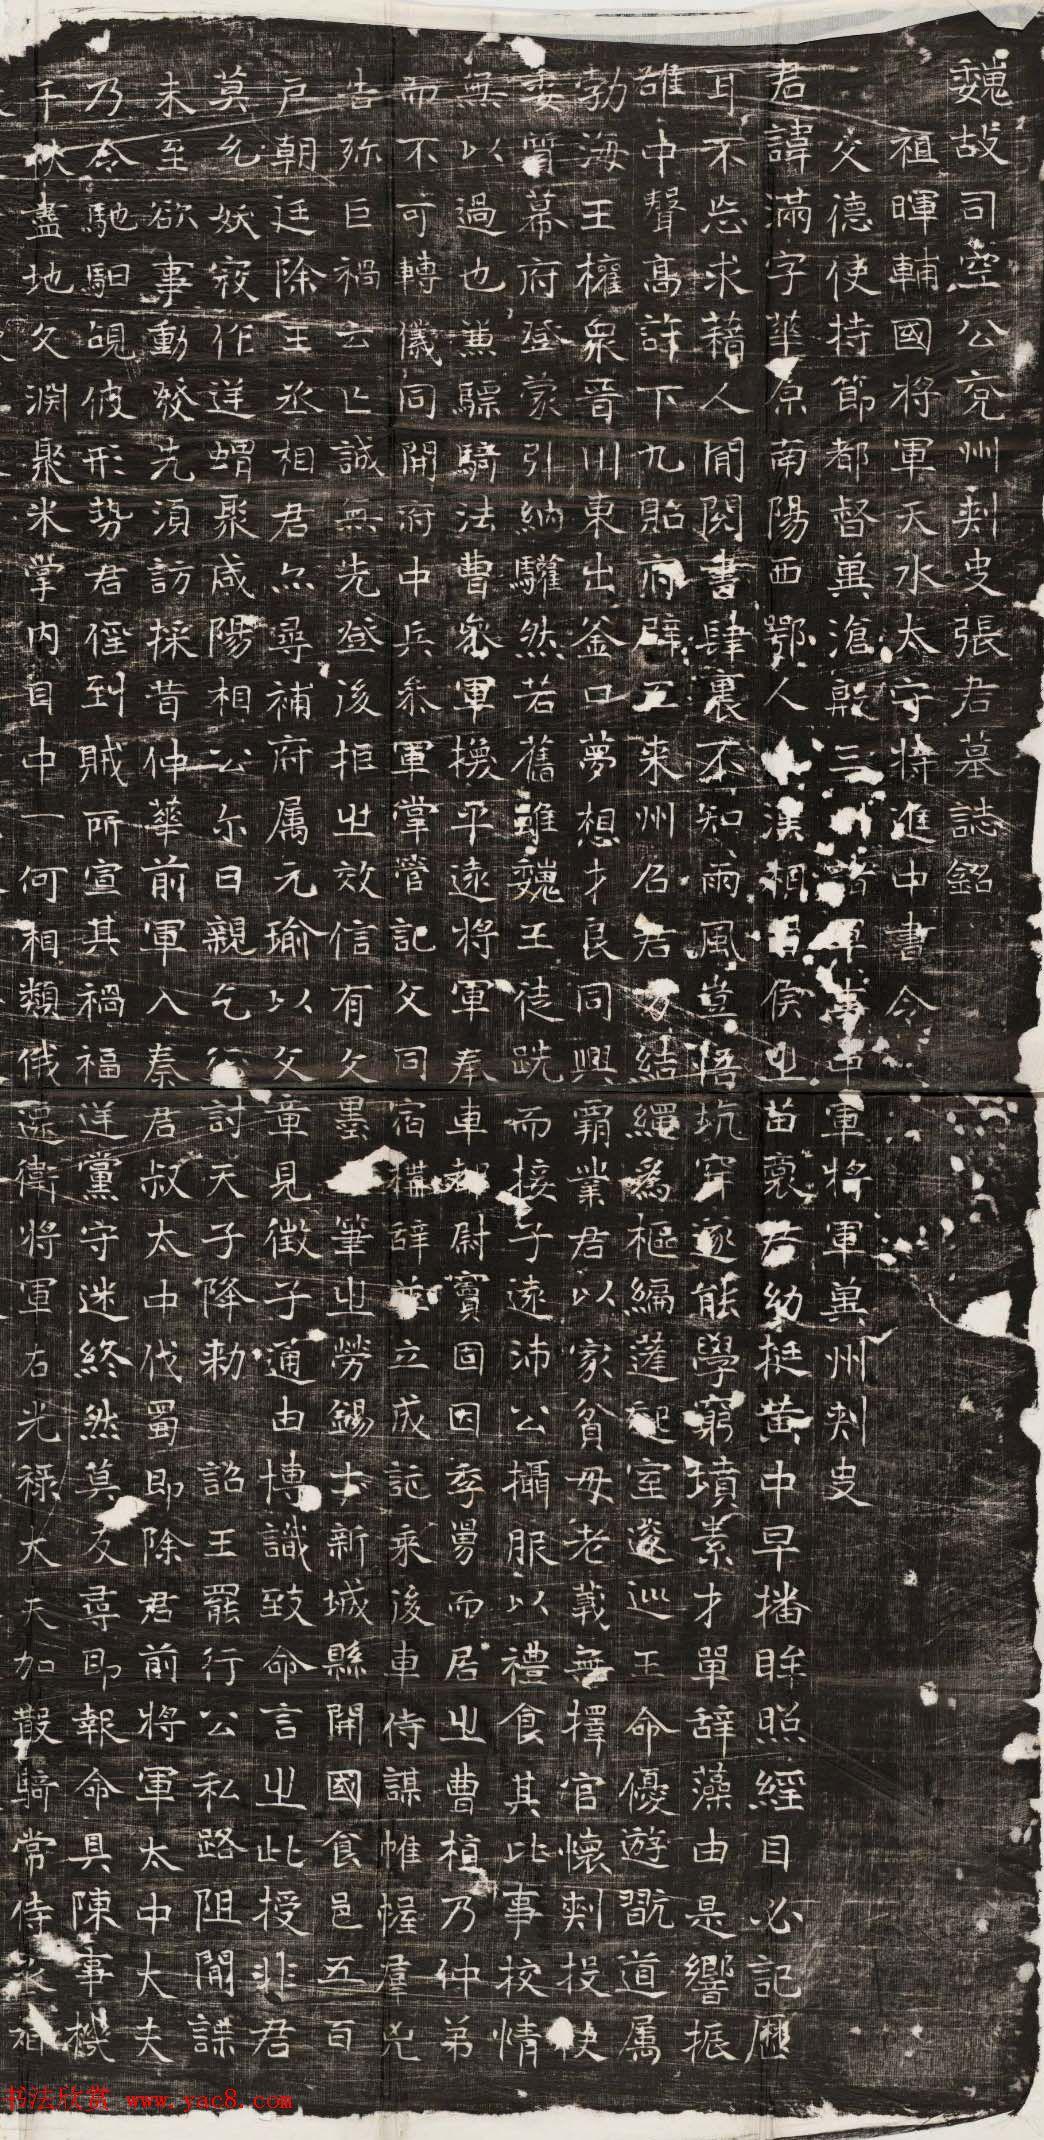 东魏正书石刻《张满墓志》民国拓本